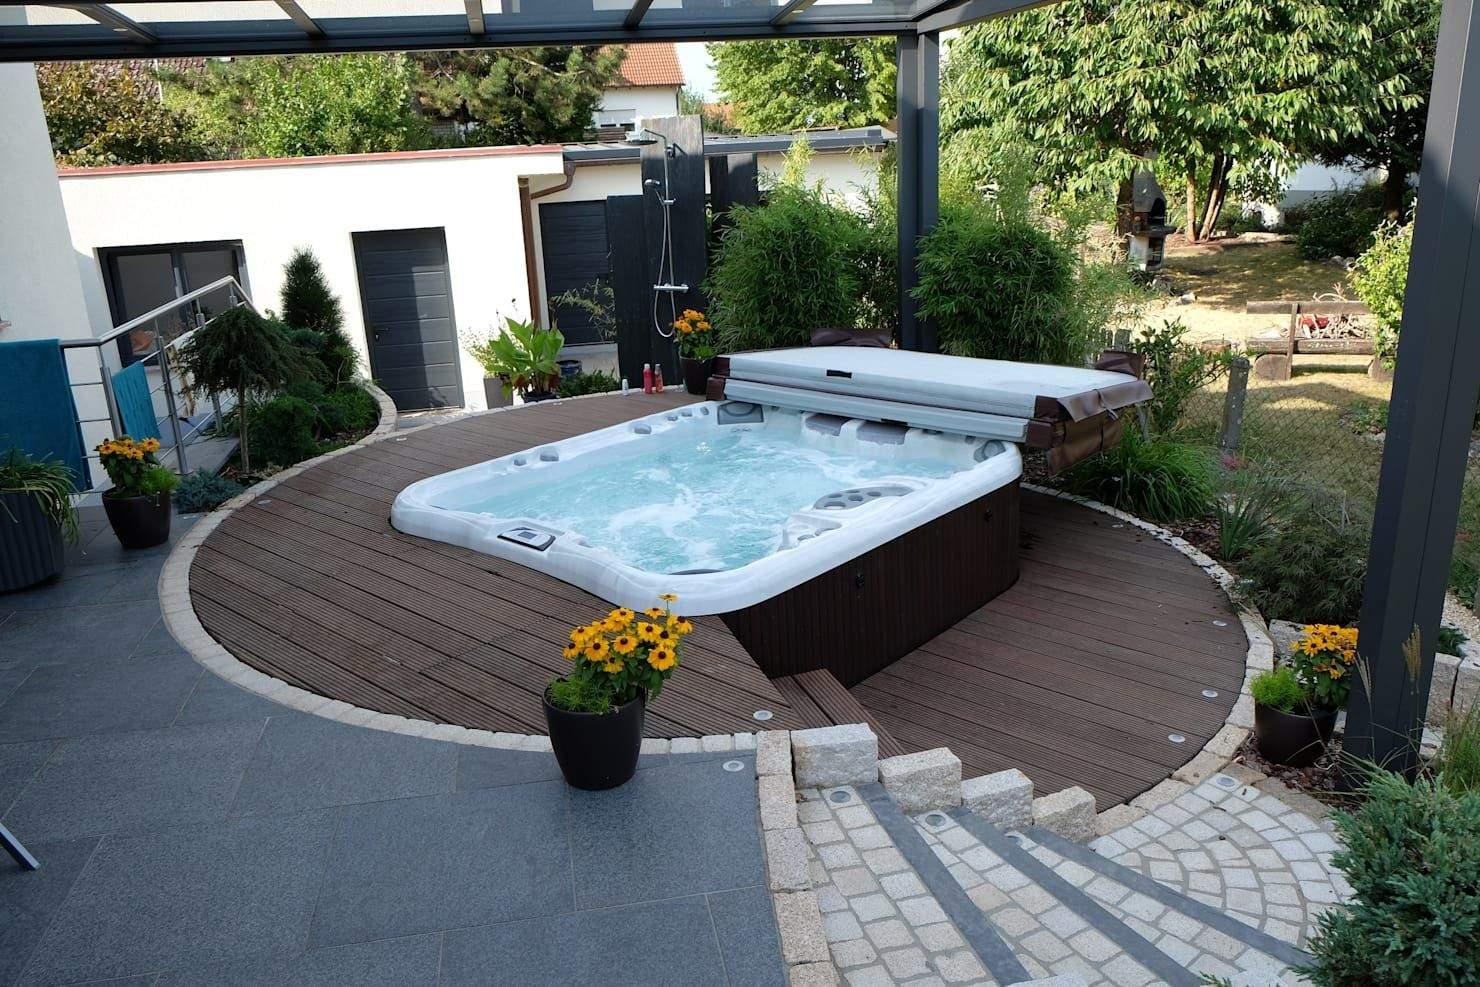 Whirlpool Garten Reizend 22 Mini Pools Sich Fantastisch In Deinem Garten Machen